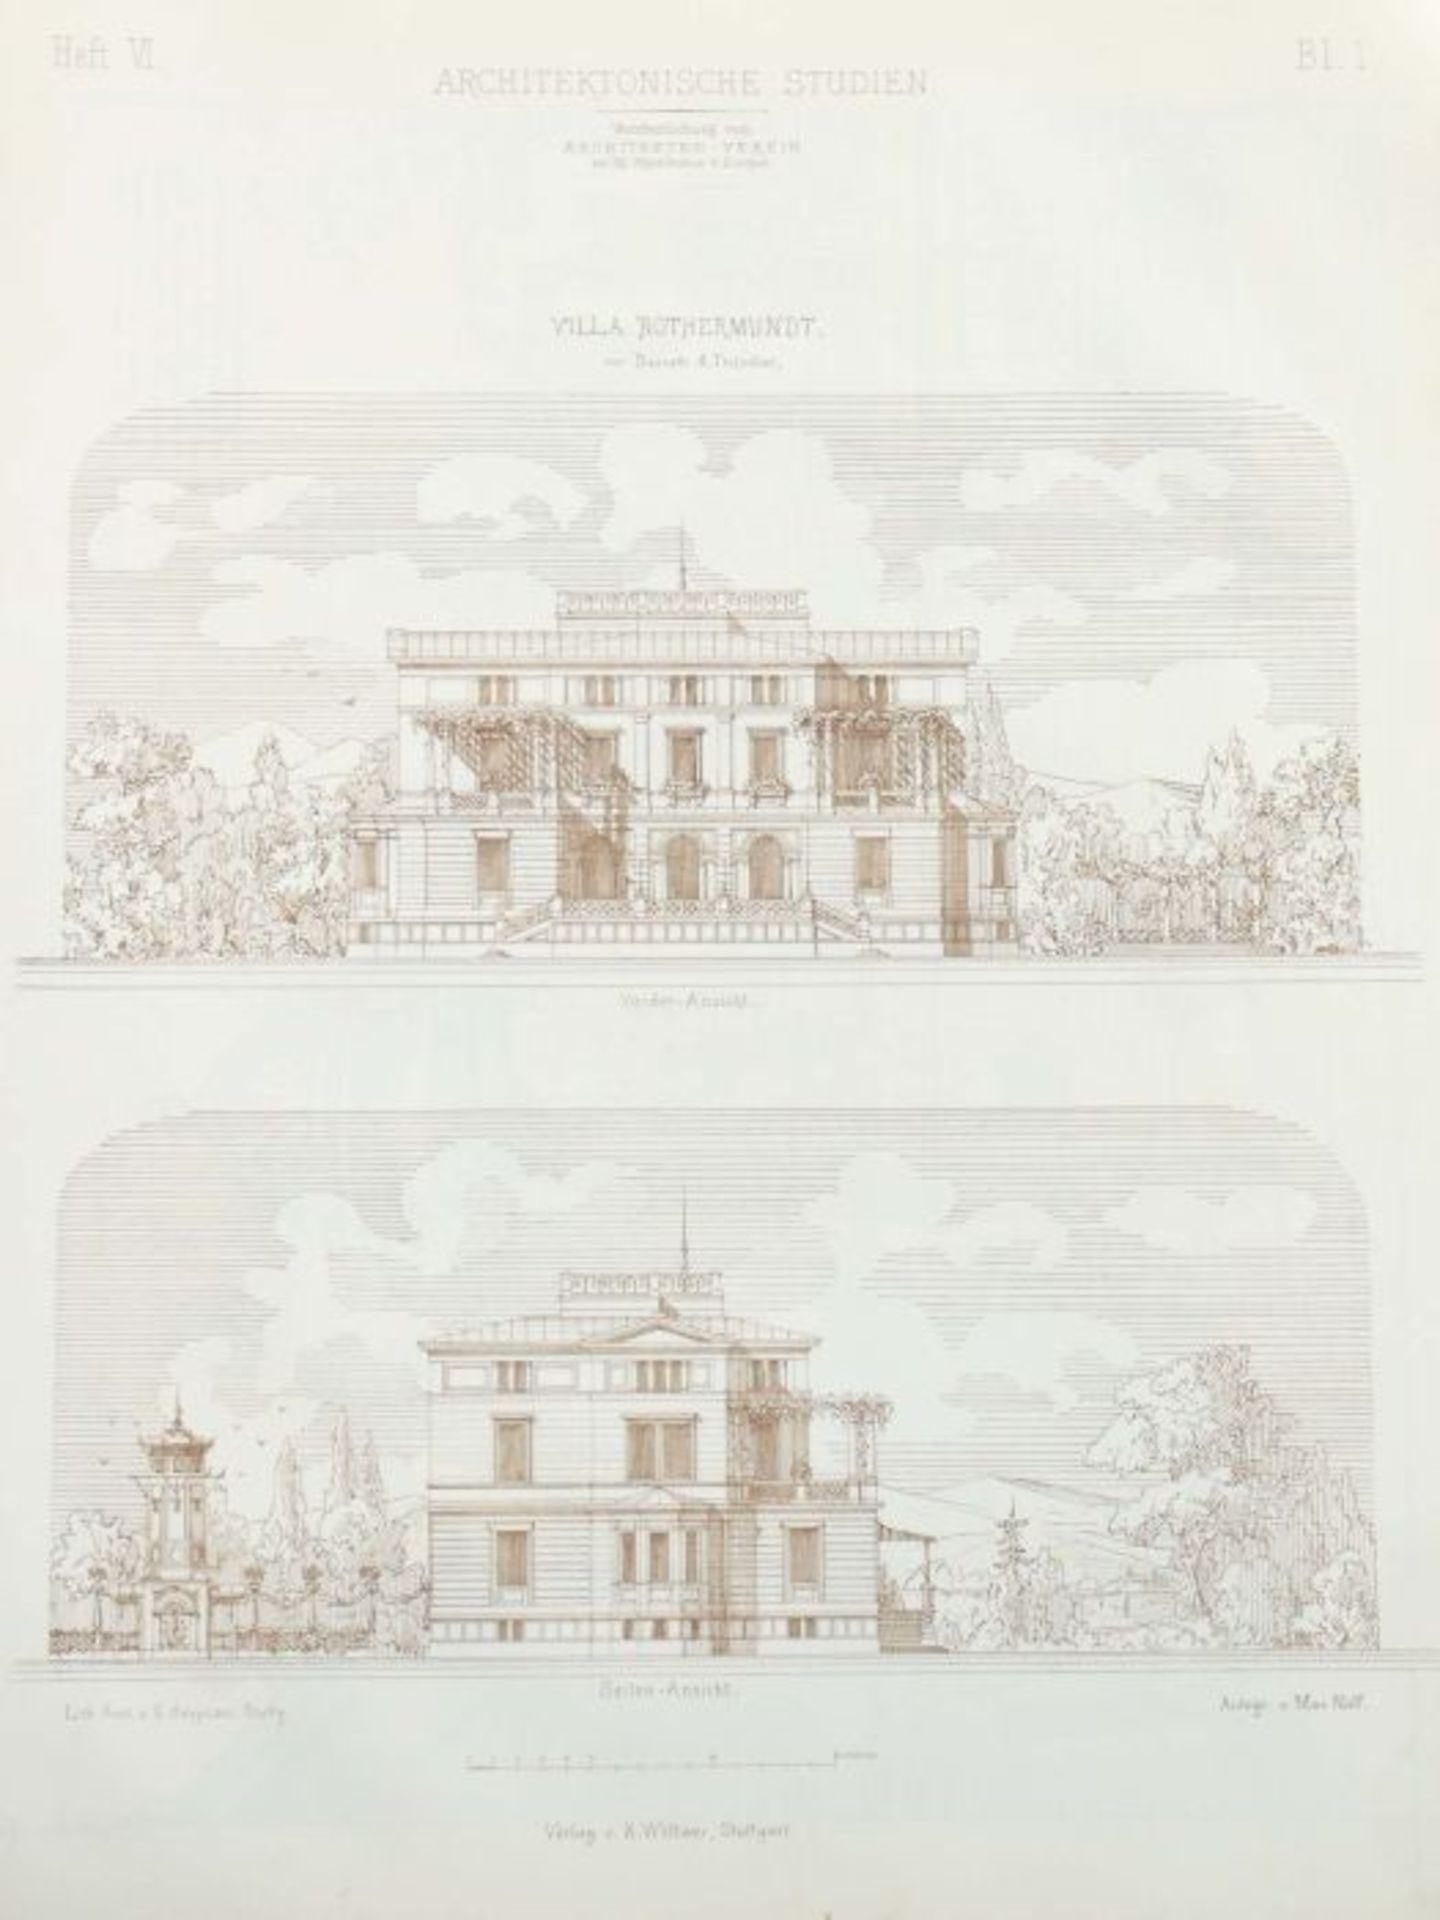 Architektonische Studien Herausgegeben vom Architektenverein am Kgl. Polytechnikum zu Stuttgart, - Bild 4 aus 10